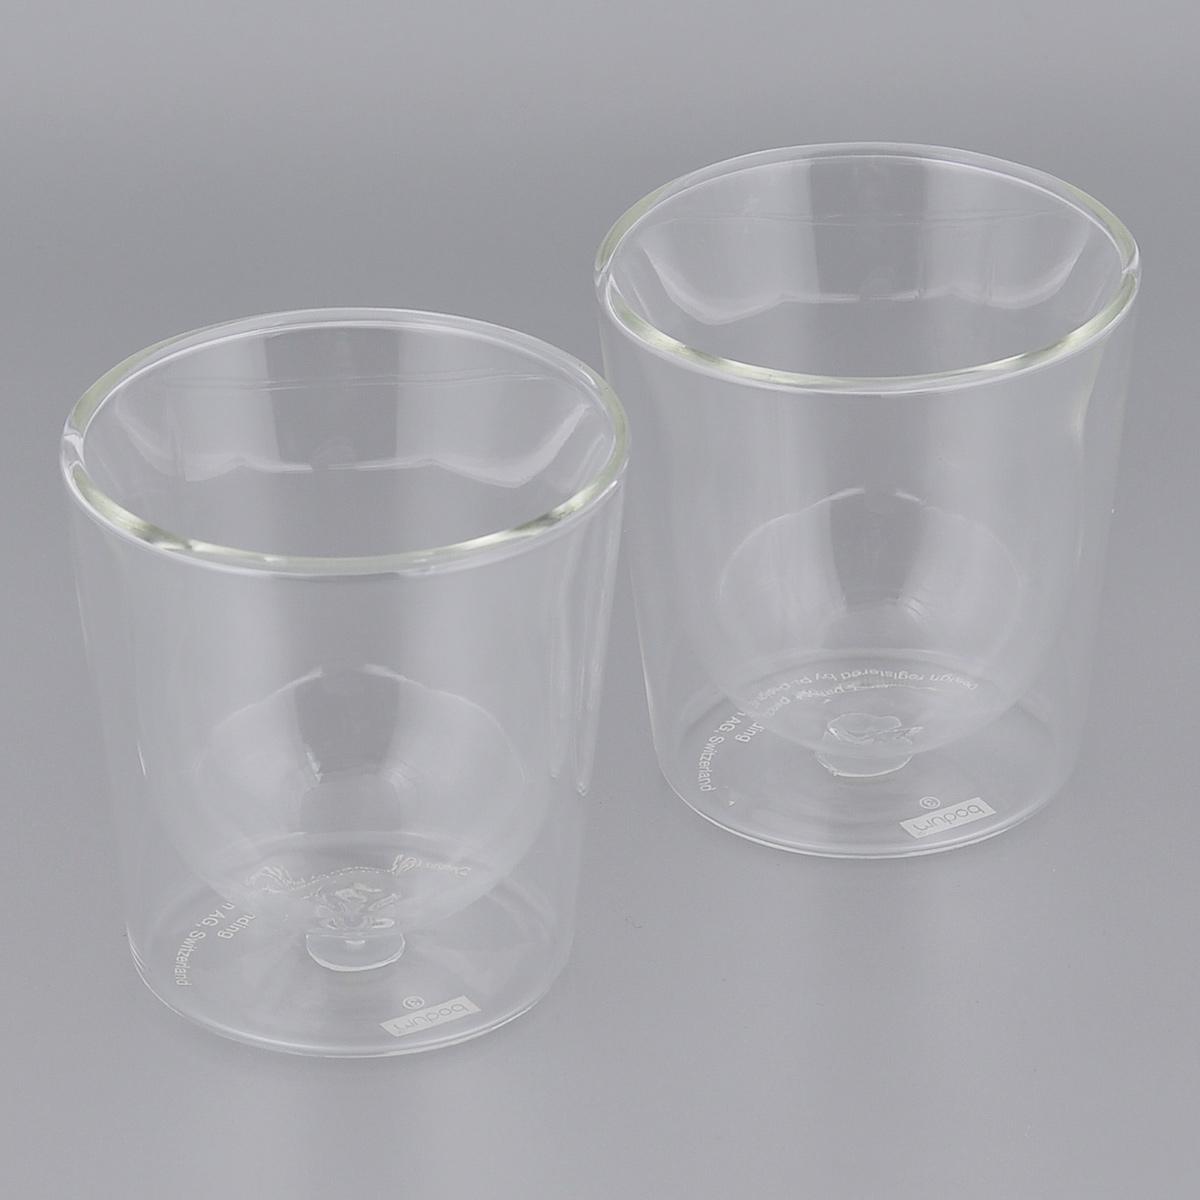 Набор термобокалов Bodum Skal, цвет: прозрачный, 0,2 л, 2 шт. 10593-1010593-10Набор Bodum Skal состоит из 2 термобокалов, изготовленных из боросиликатного стекла, отличающегося особой прочностью и жаростойкостью. Двуслойные стенки долго сохраняют тепло напитка. Благодаря своим неповторимым свойствам термобокалы Bodum можно мыть в посудомоечной машине, не опасаясь за их целостность даже при контакте с горячей водой. Не обрабатывать абразивными моющими средствами. Кредо Bodum - обеспечивать высокое качество жизни своих клиентов, и швейцарский бренд приготовил для вас нечто особенное! Используйте инновации Bodum каждый день и делайте свой быт комфортнее!